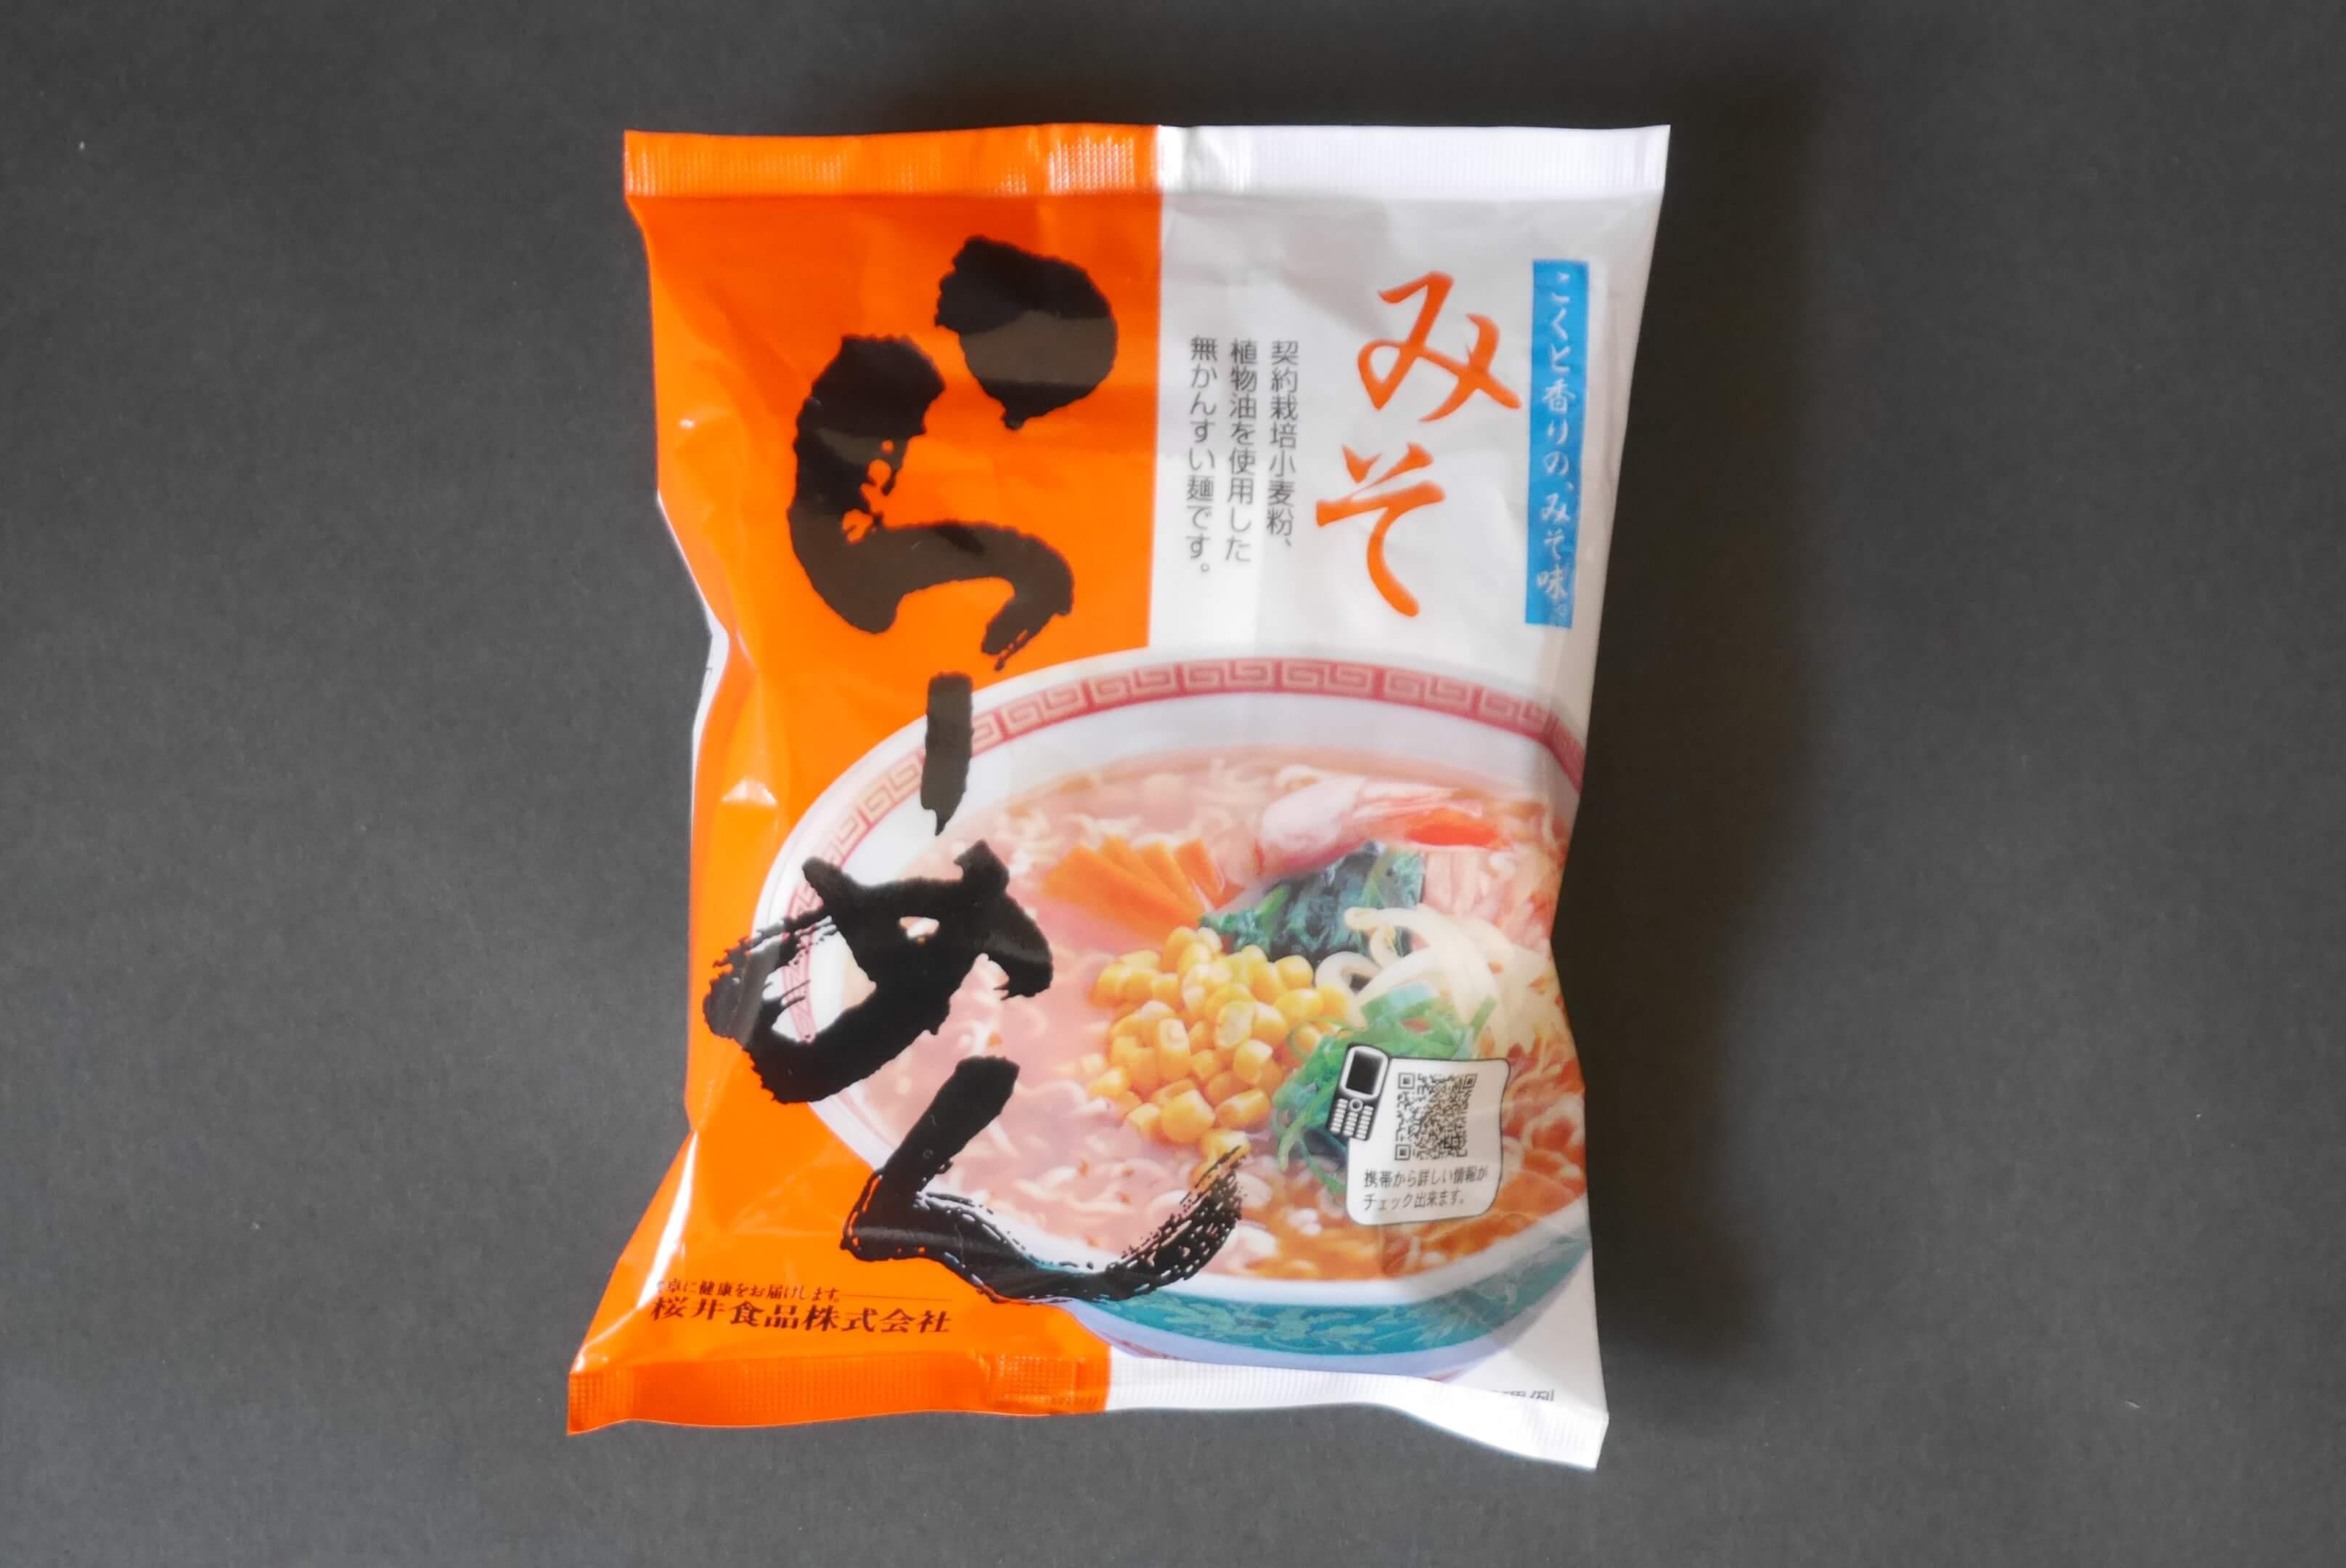 桜井食品│化学調味料無添加・国産小麦【みそらーめん】レビュー!